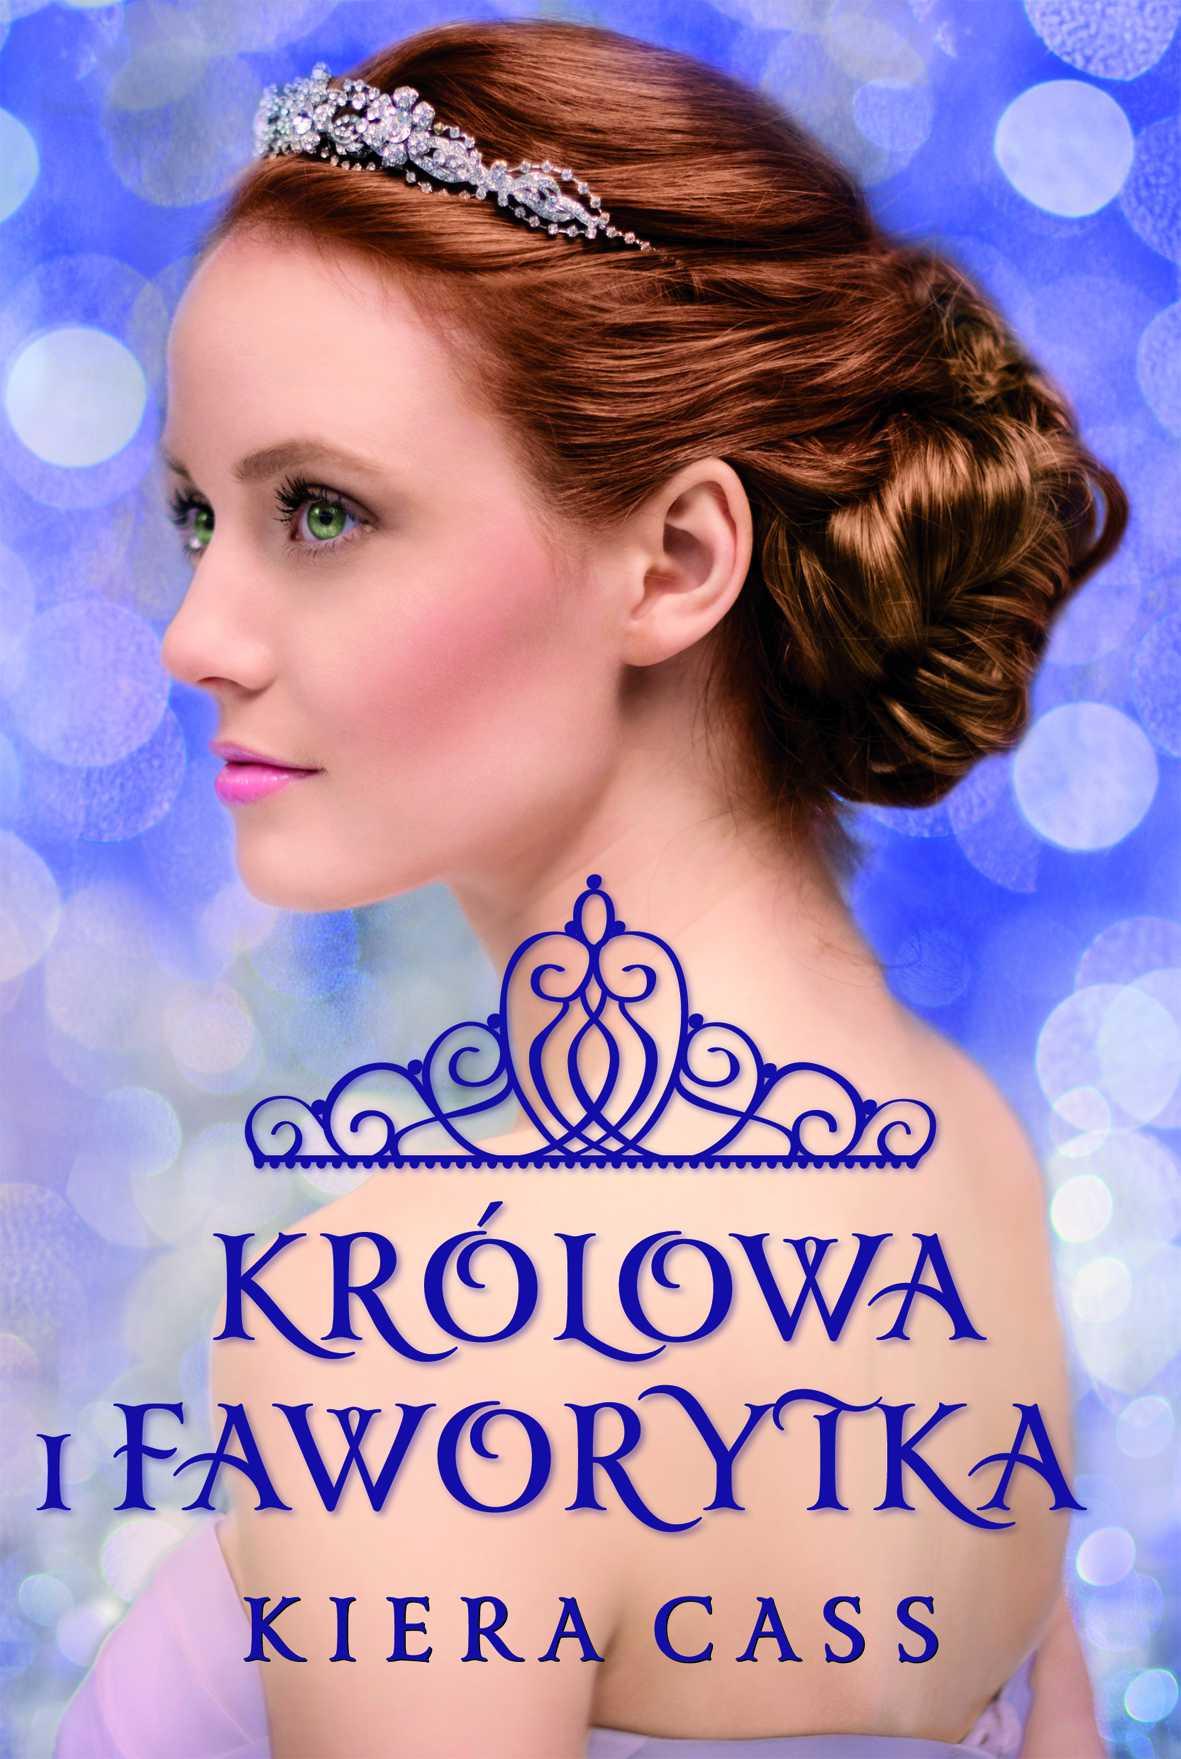 Królowa i Faworytka - Ebook (Książka EPUB) do pobrania w formacie EPUB